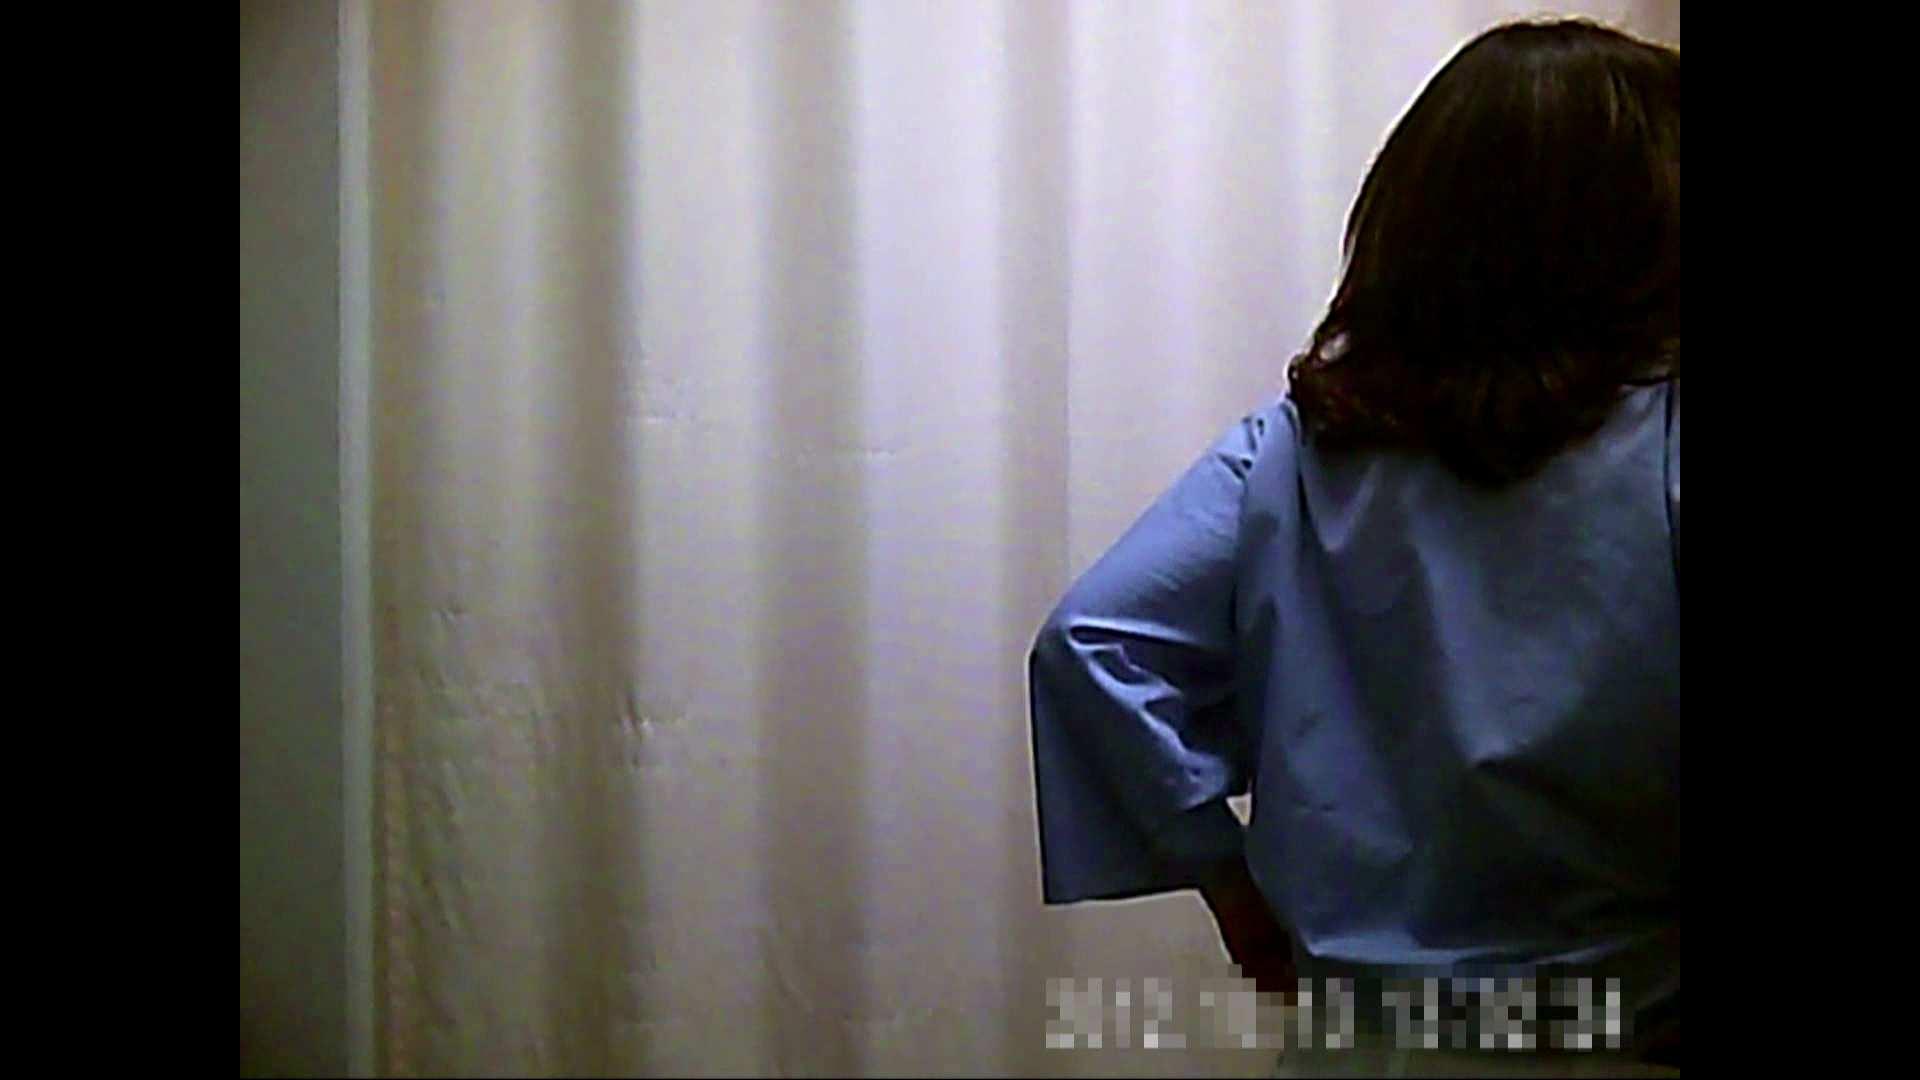 元医者による反抗 更衣室地獄絵巻 vol.059 エッチなお姉さん | ギャルズ  35画像 4